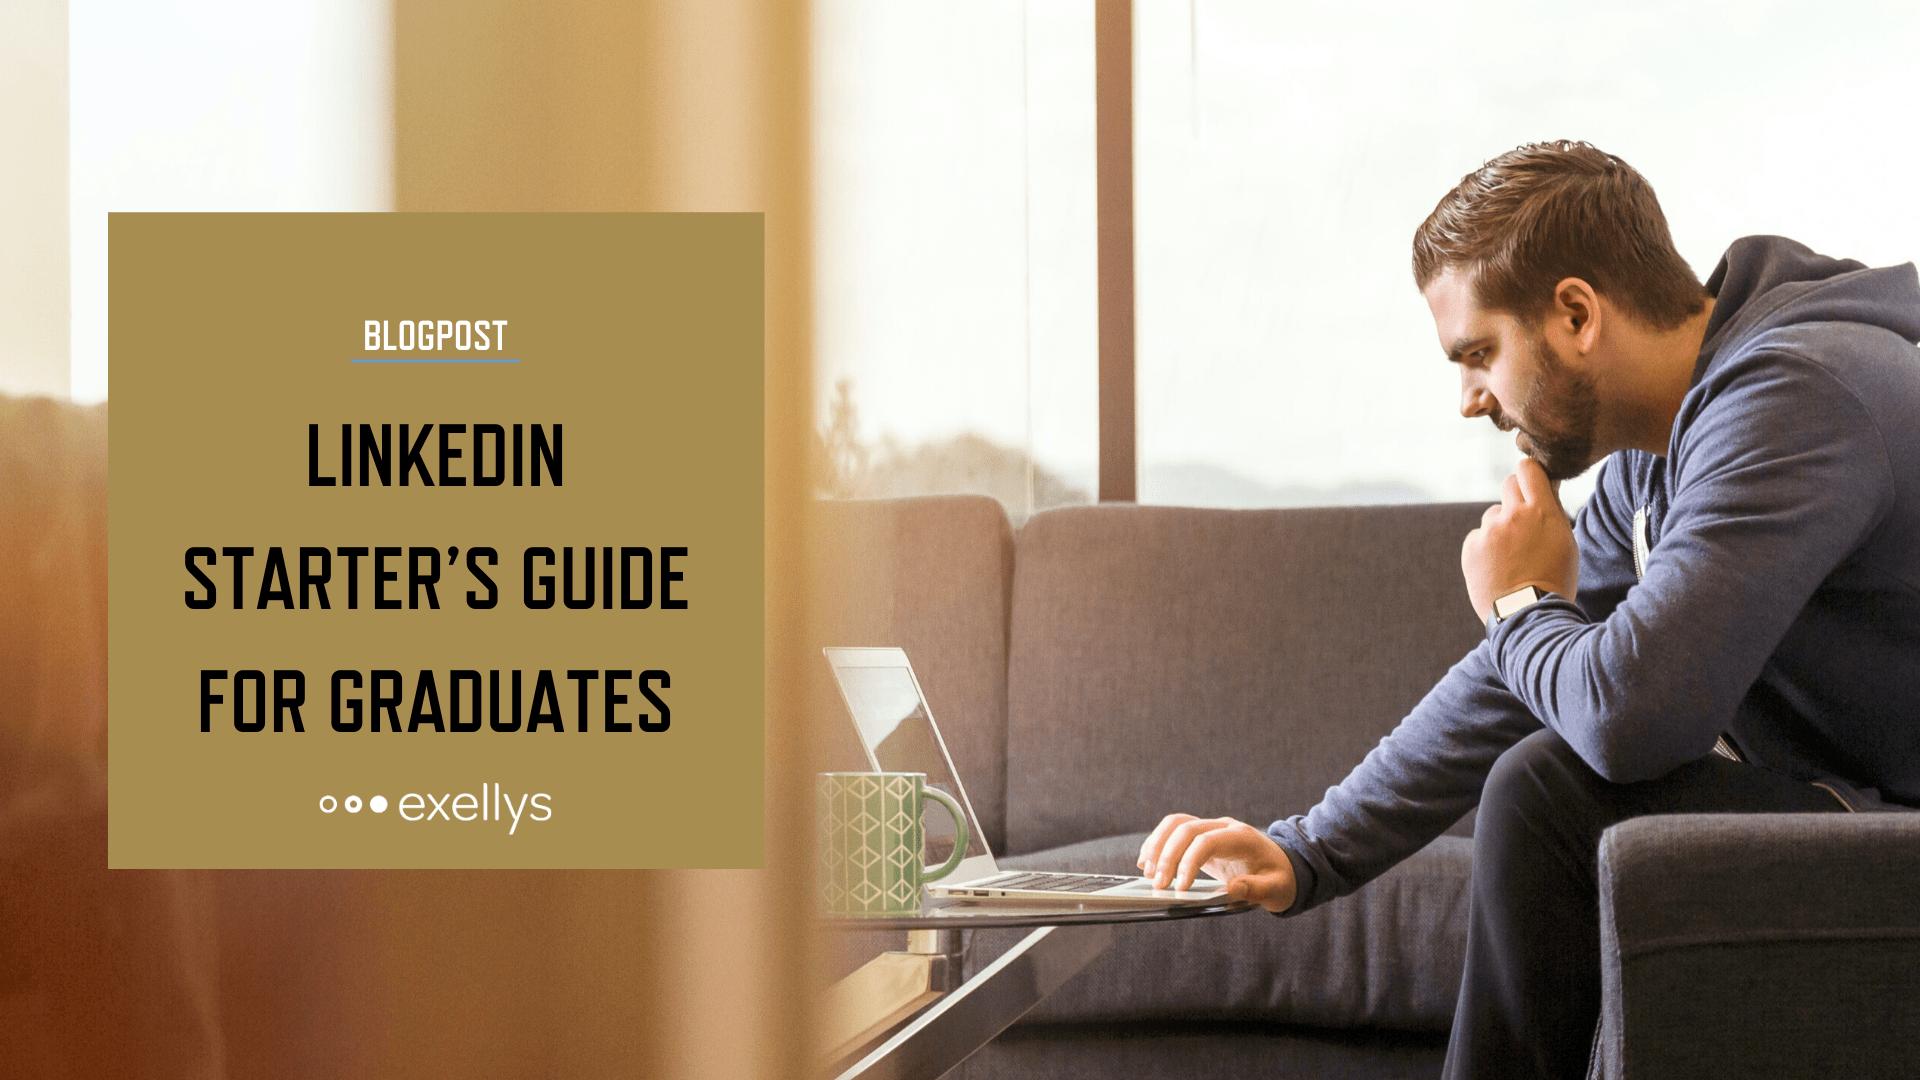 LinkedIn starter's guide for graduates - Social share image